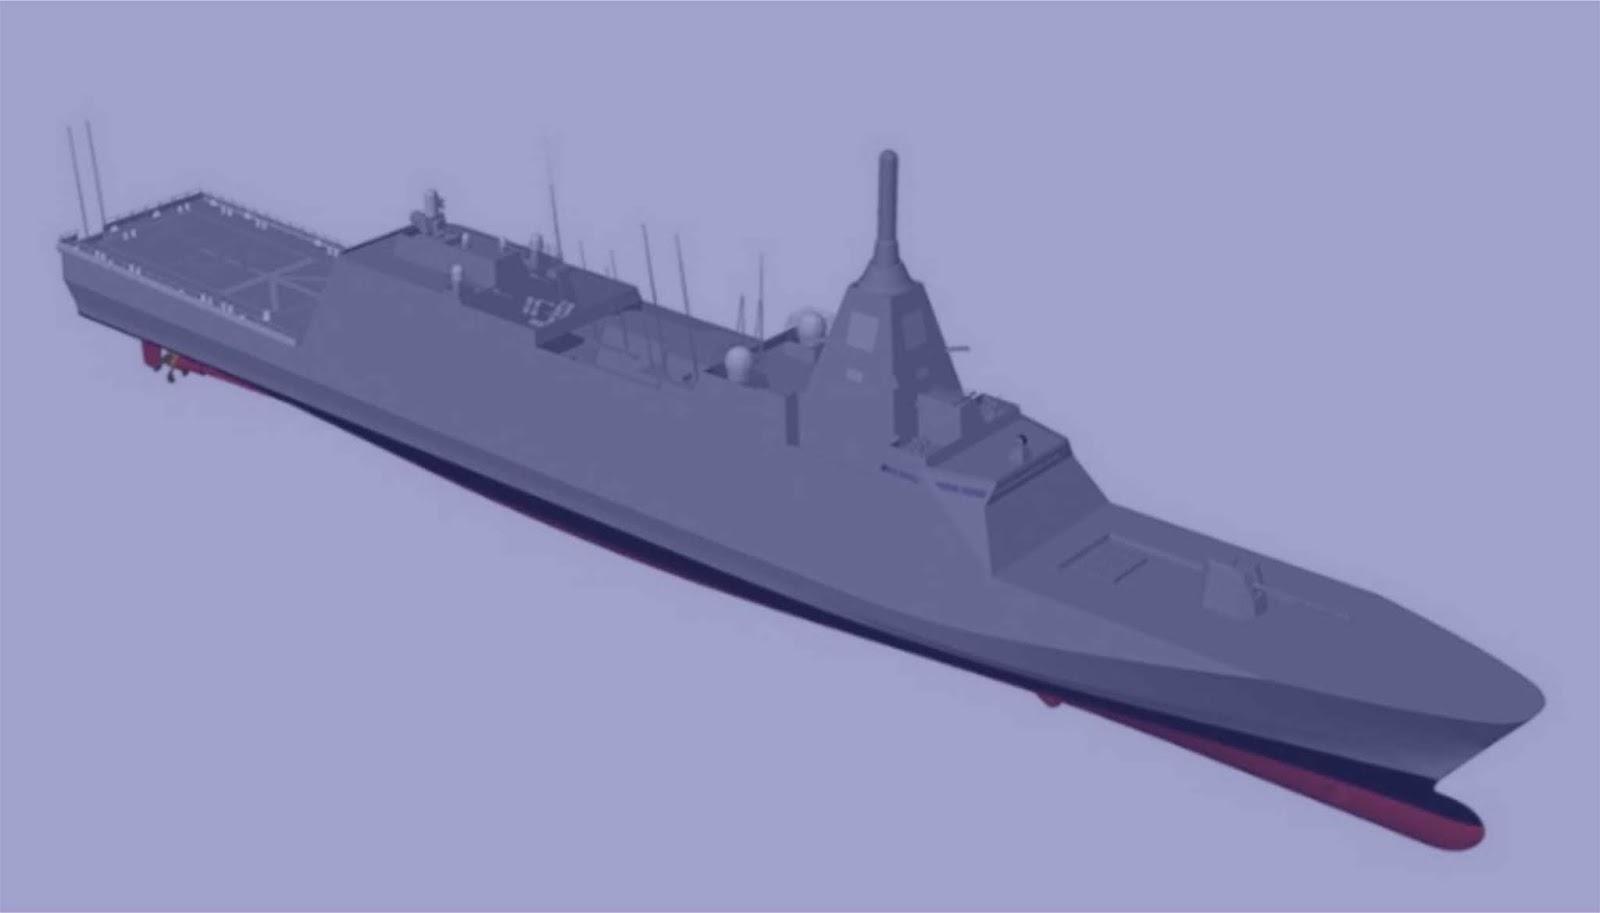 Jepang memesan dua kapal frigat multirole baru